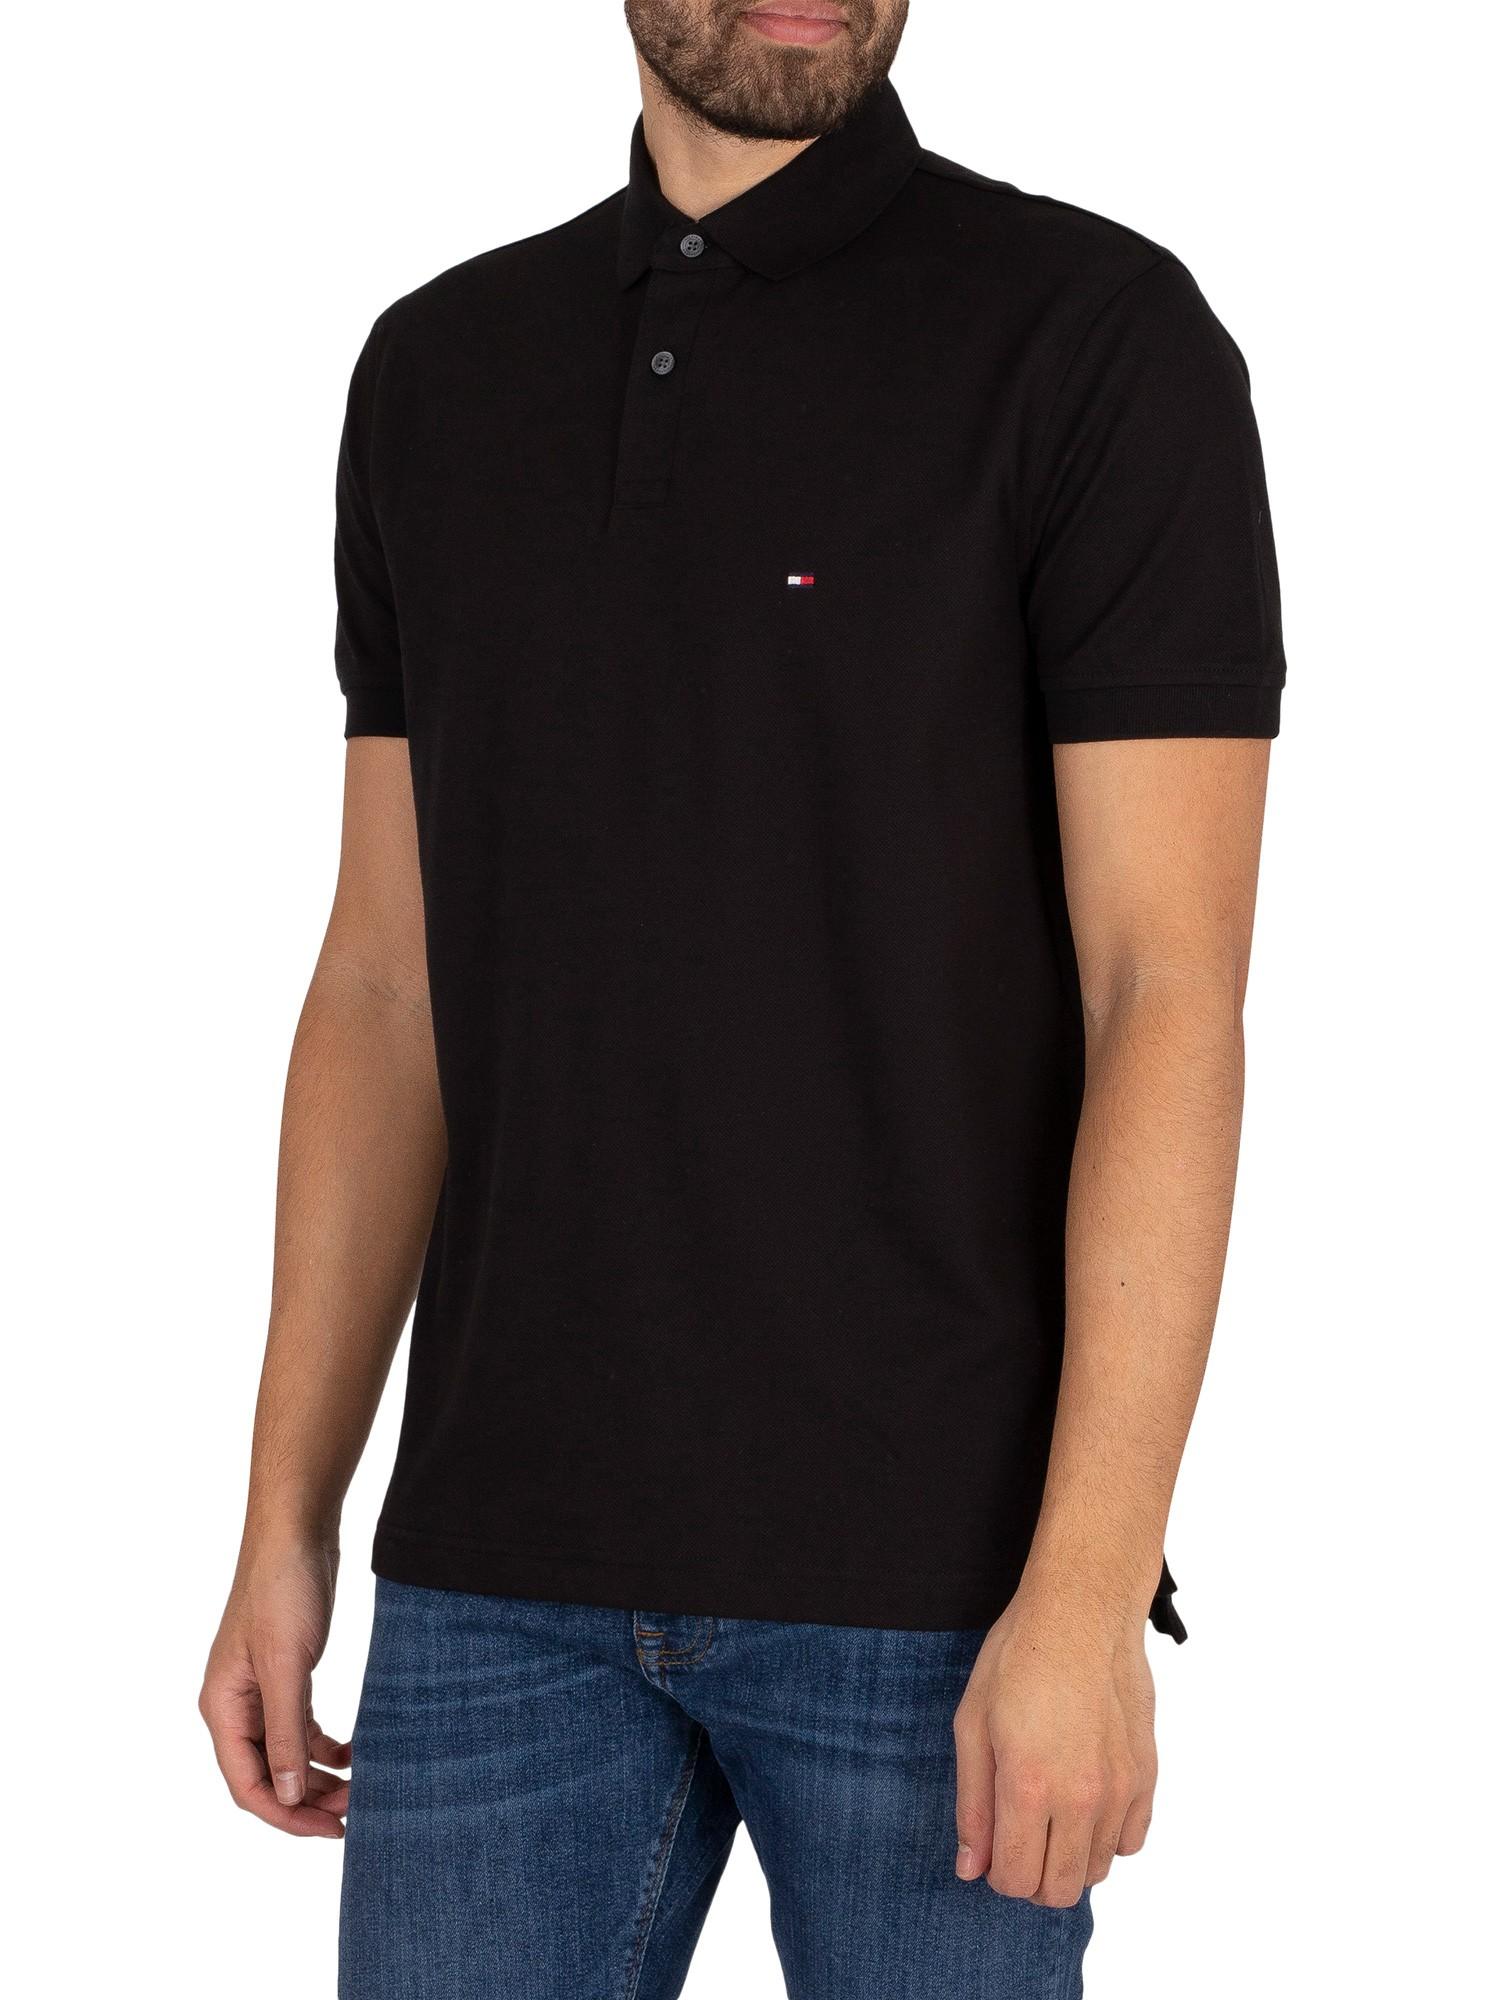 The 1985 Regular Polo Shirt